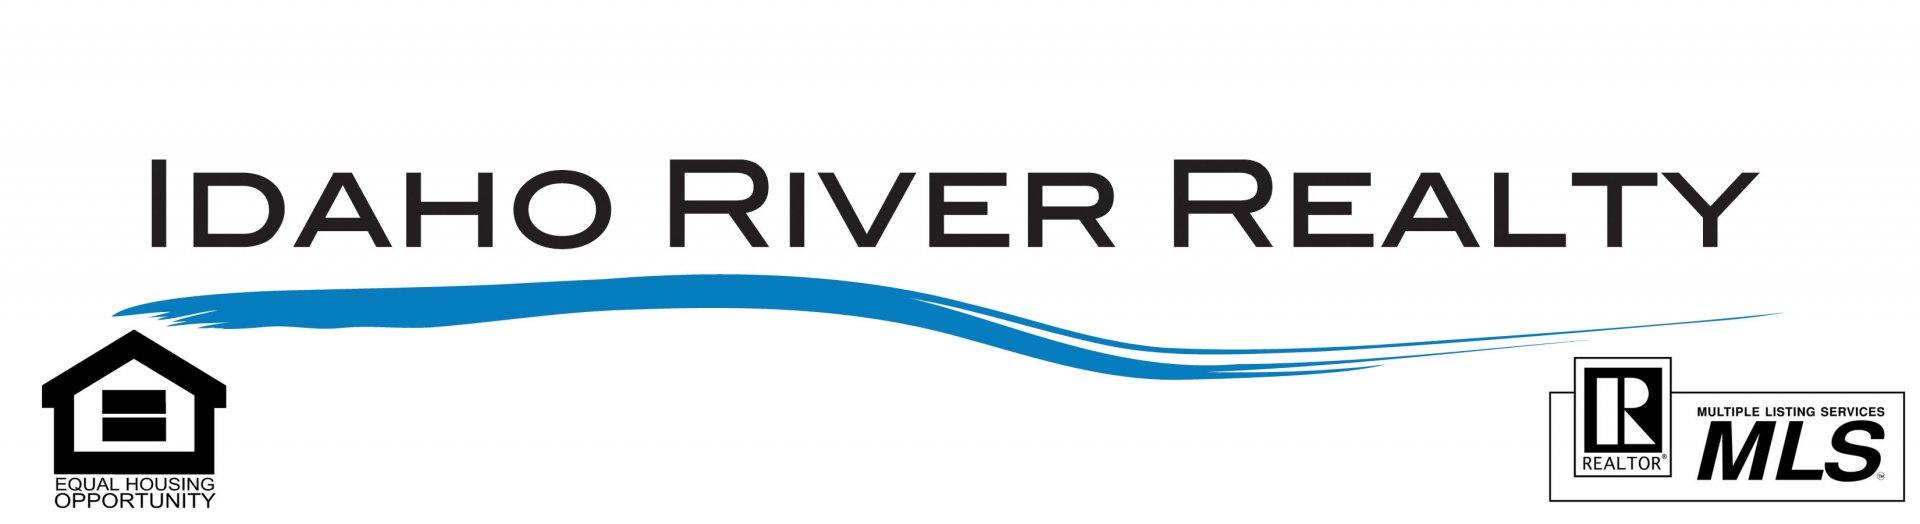 Idaho River Realty logo